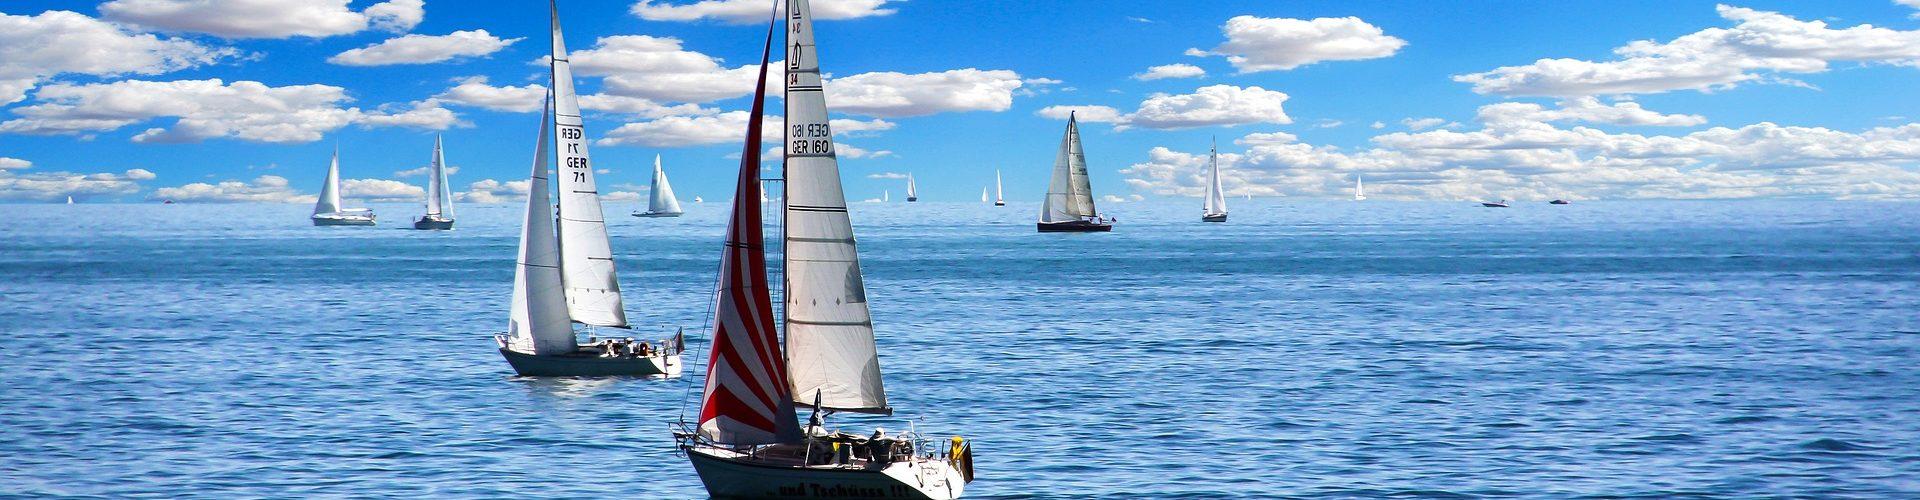 segeln lernen in Solingen segelschein machen in Solingen 1920x500 - Segeln lernen in Solingen